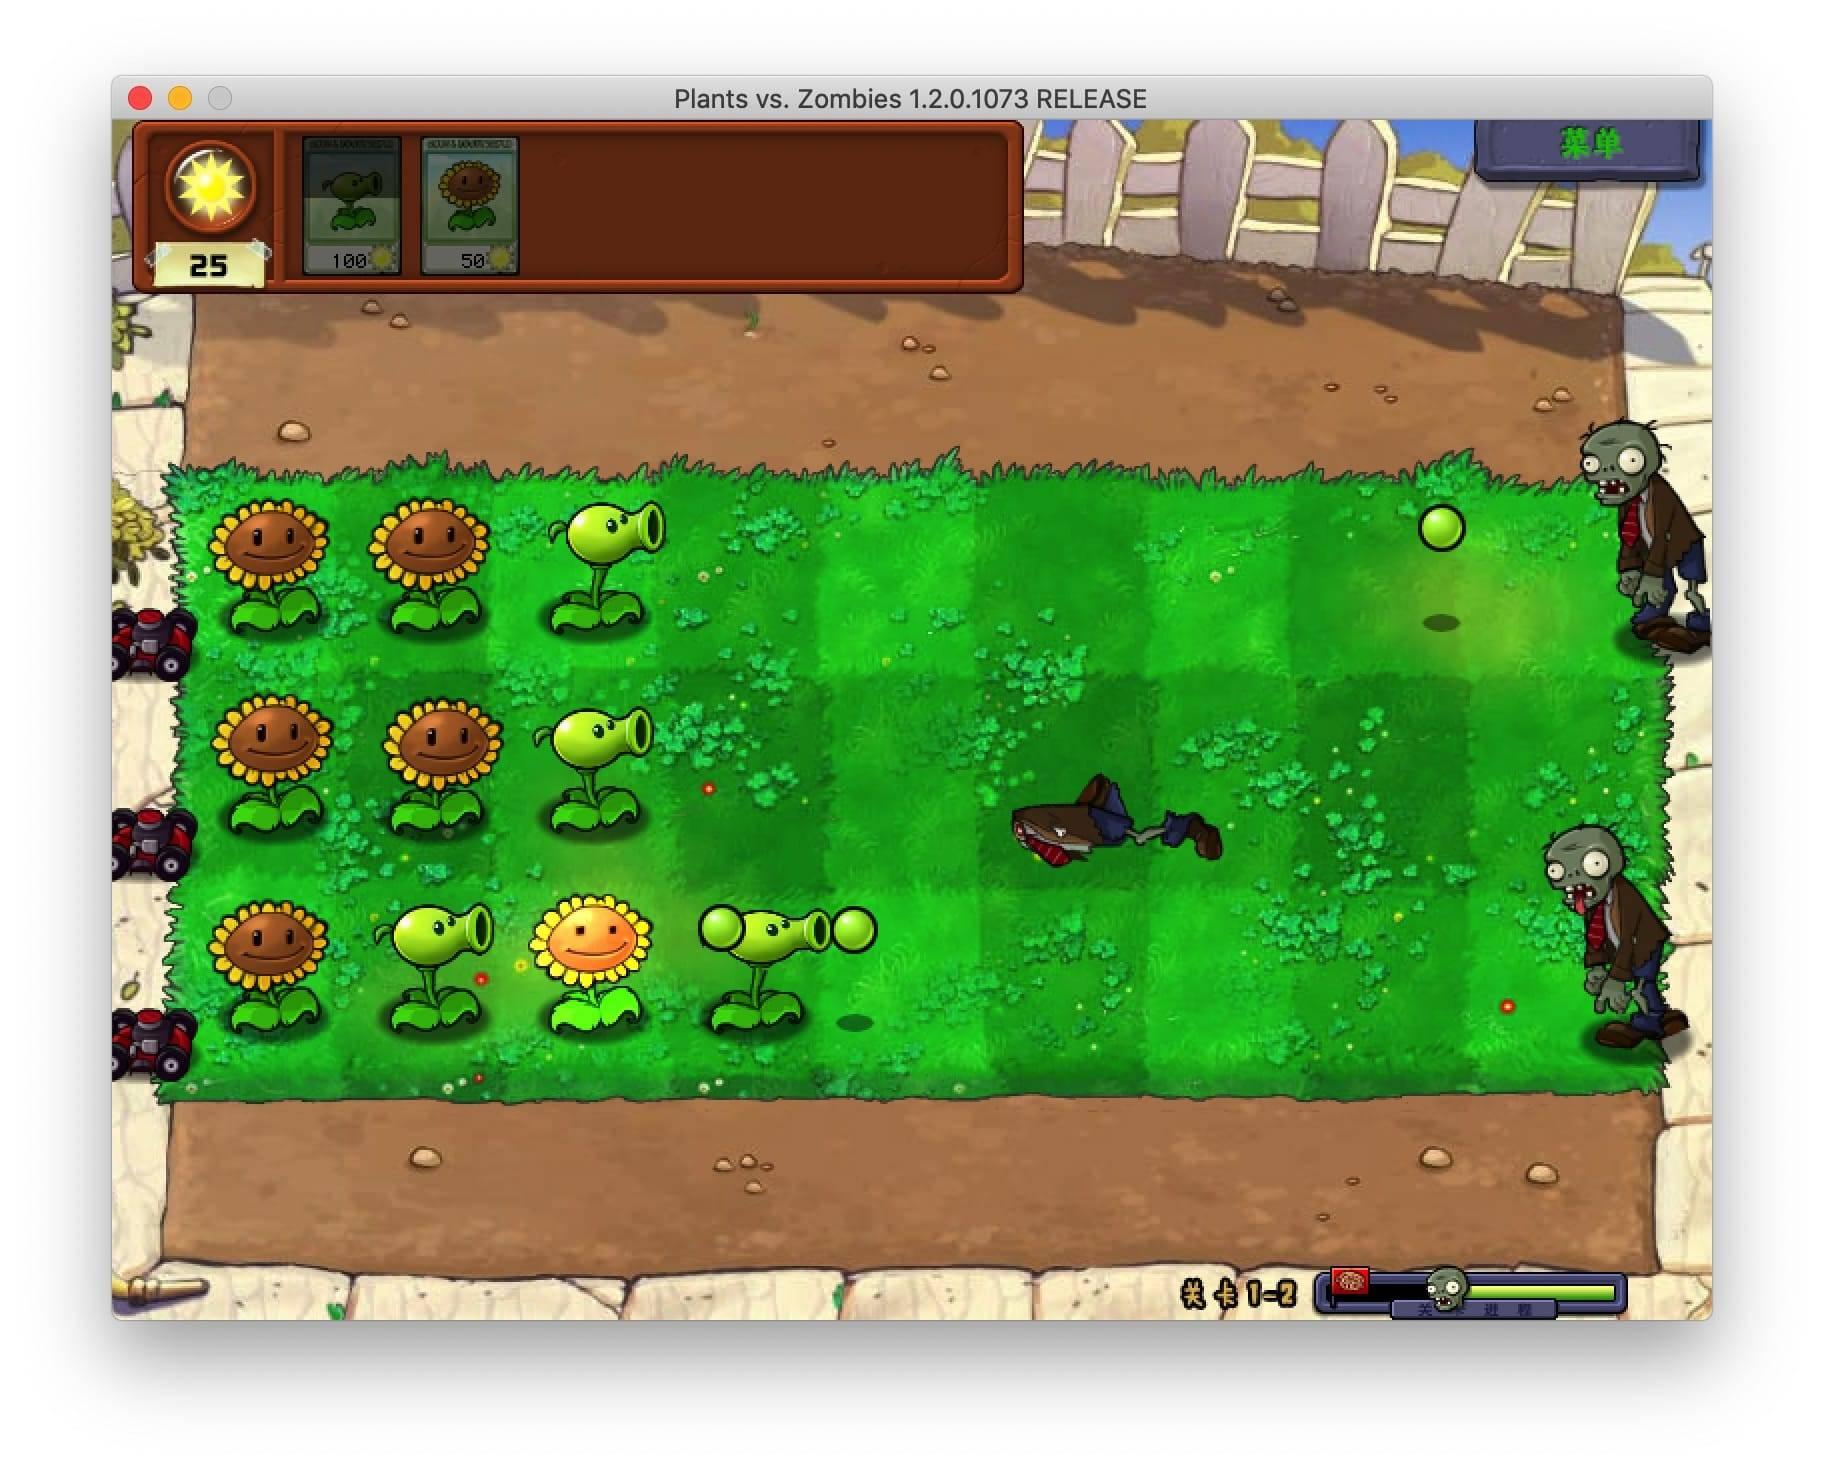 植物大战僵尸中文版 for Mac (兼容10.15系统) v1.2 中文版 策略游戏 第3张